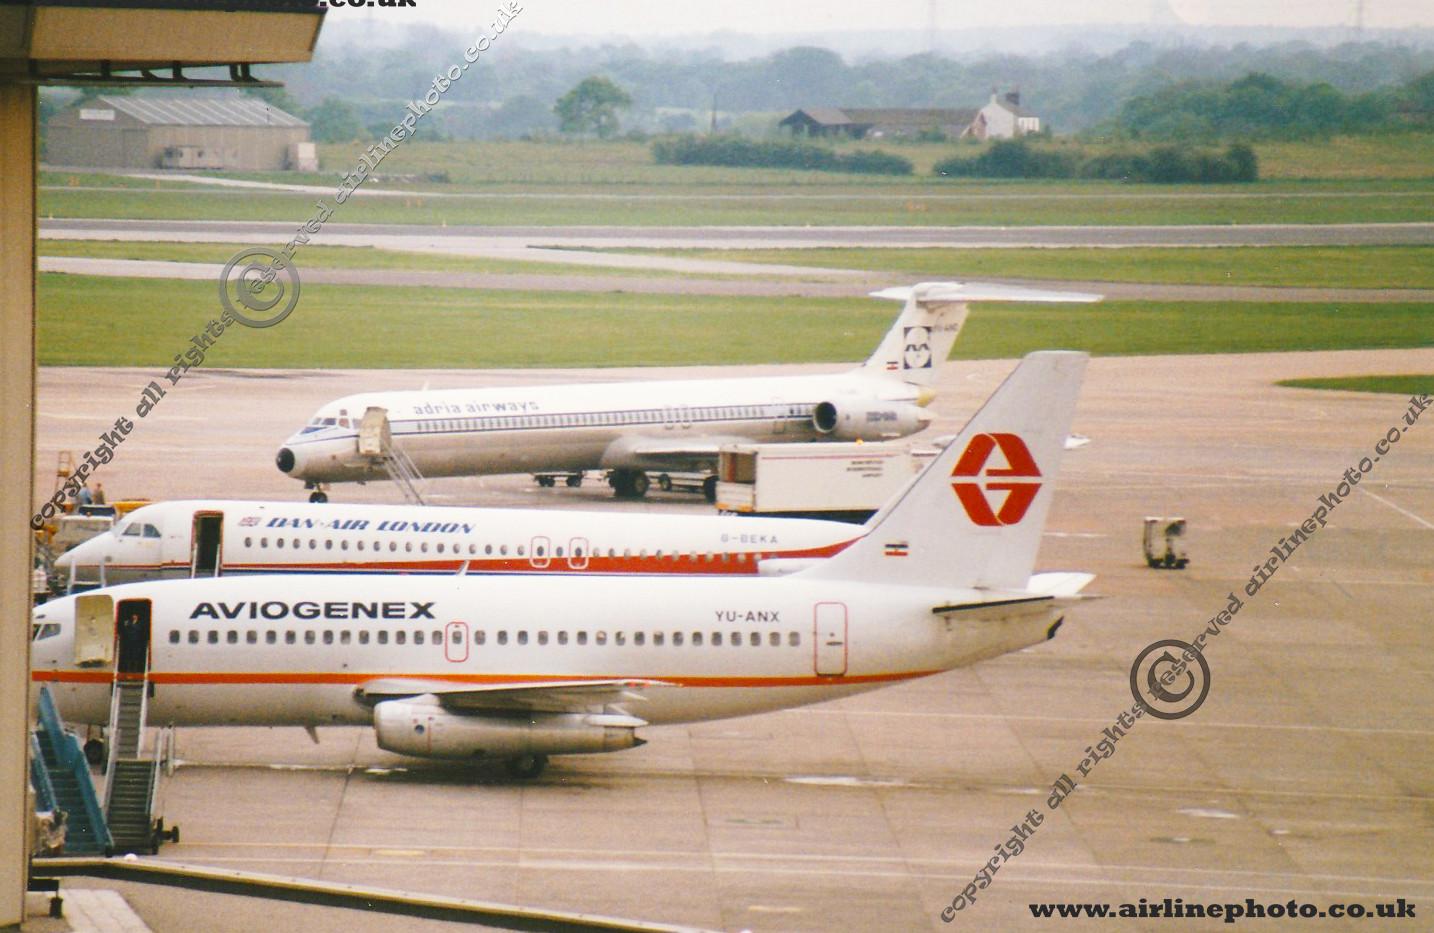 YU-ANK-Aviogenex-737-MAN-1989.jpg